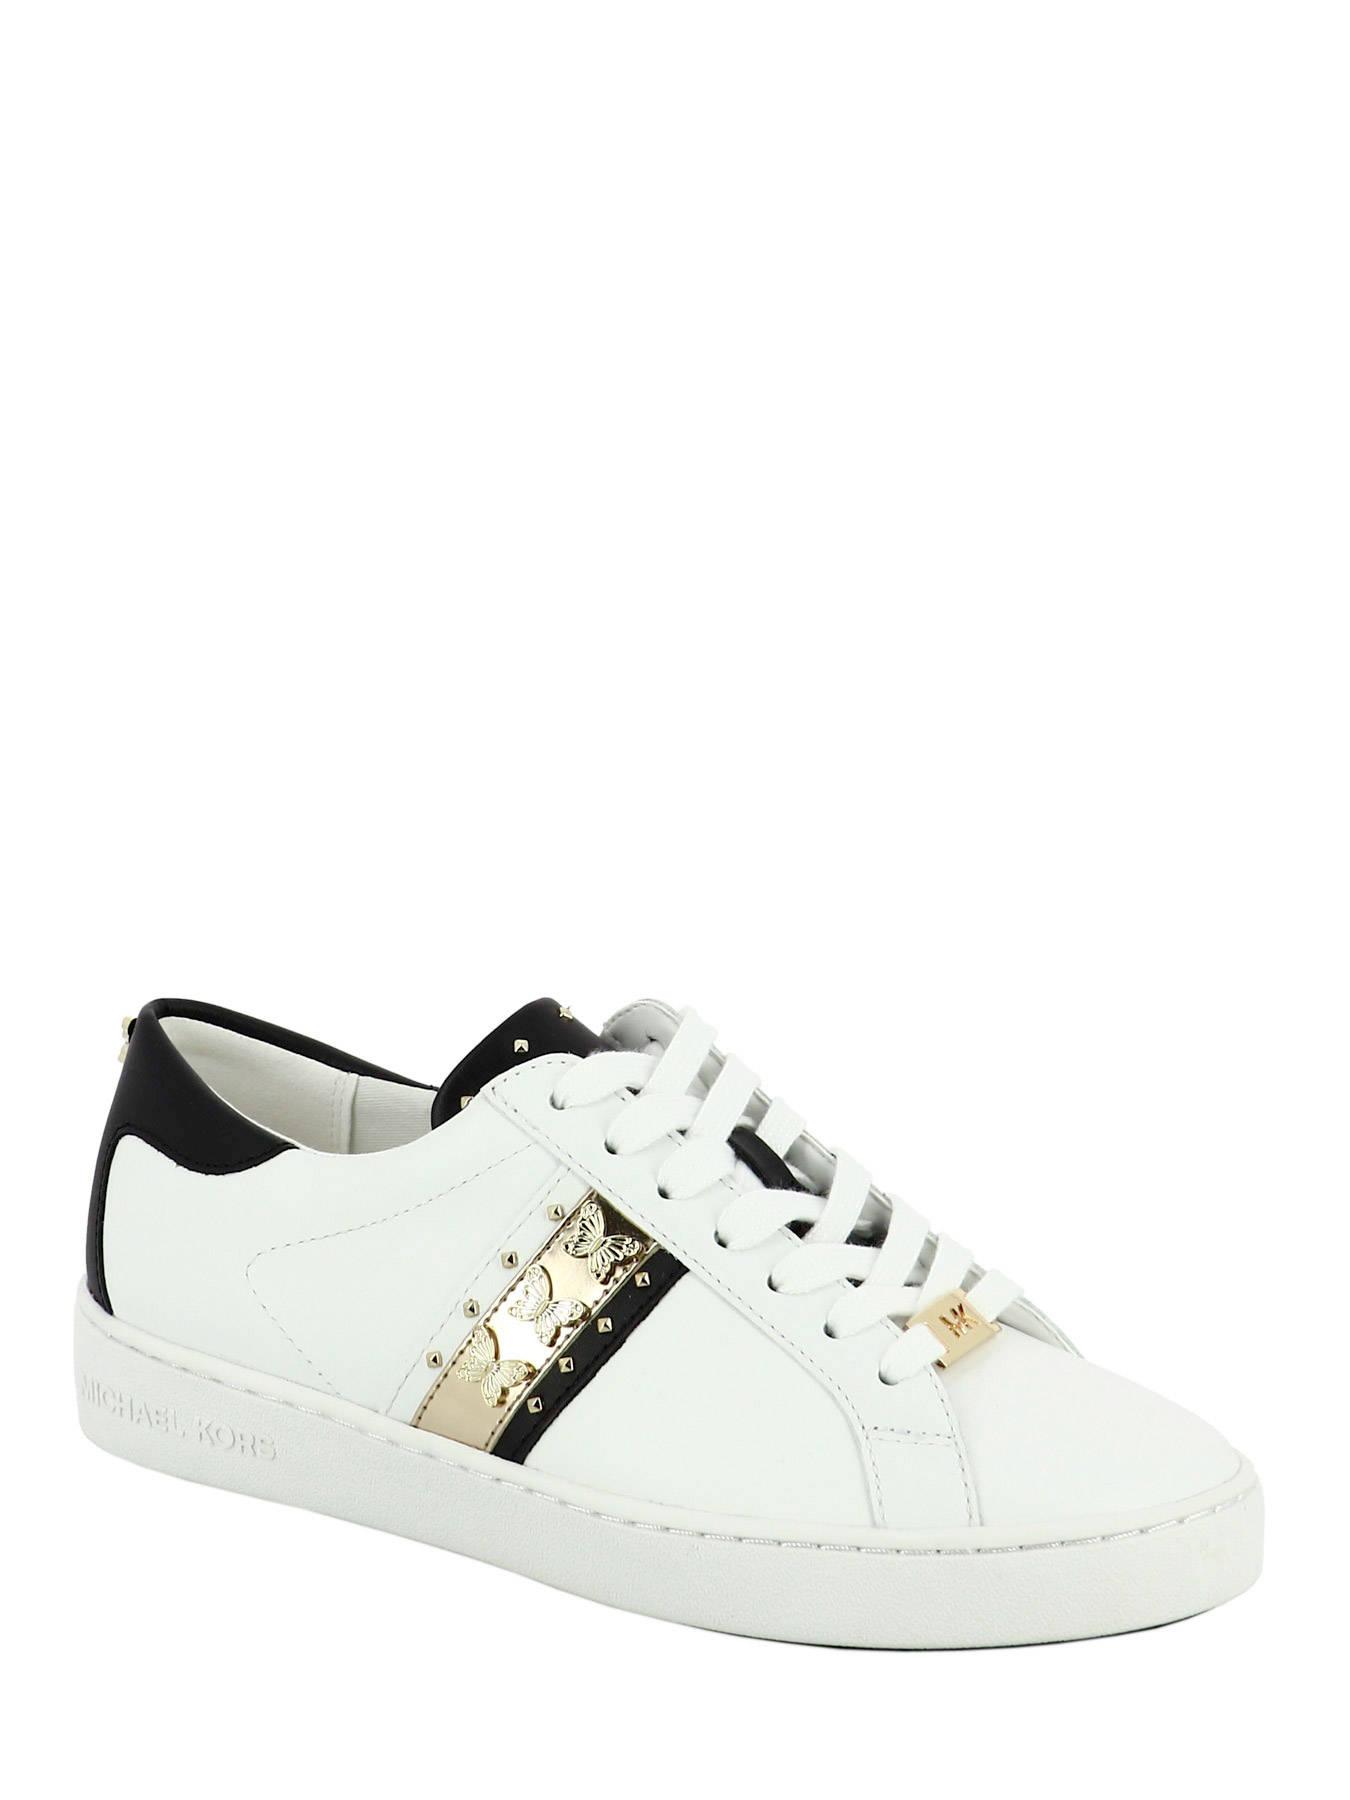 Michael Michael Kors Keaton Sneakers in 2019   Michael kors